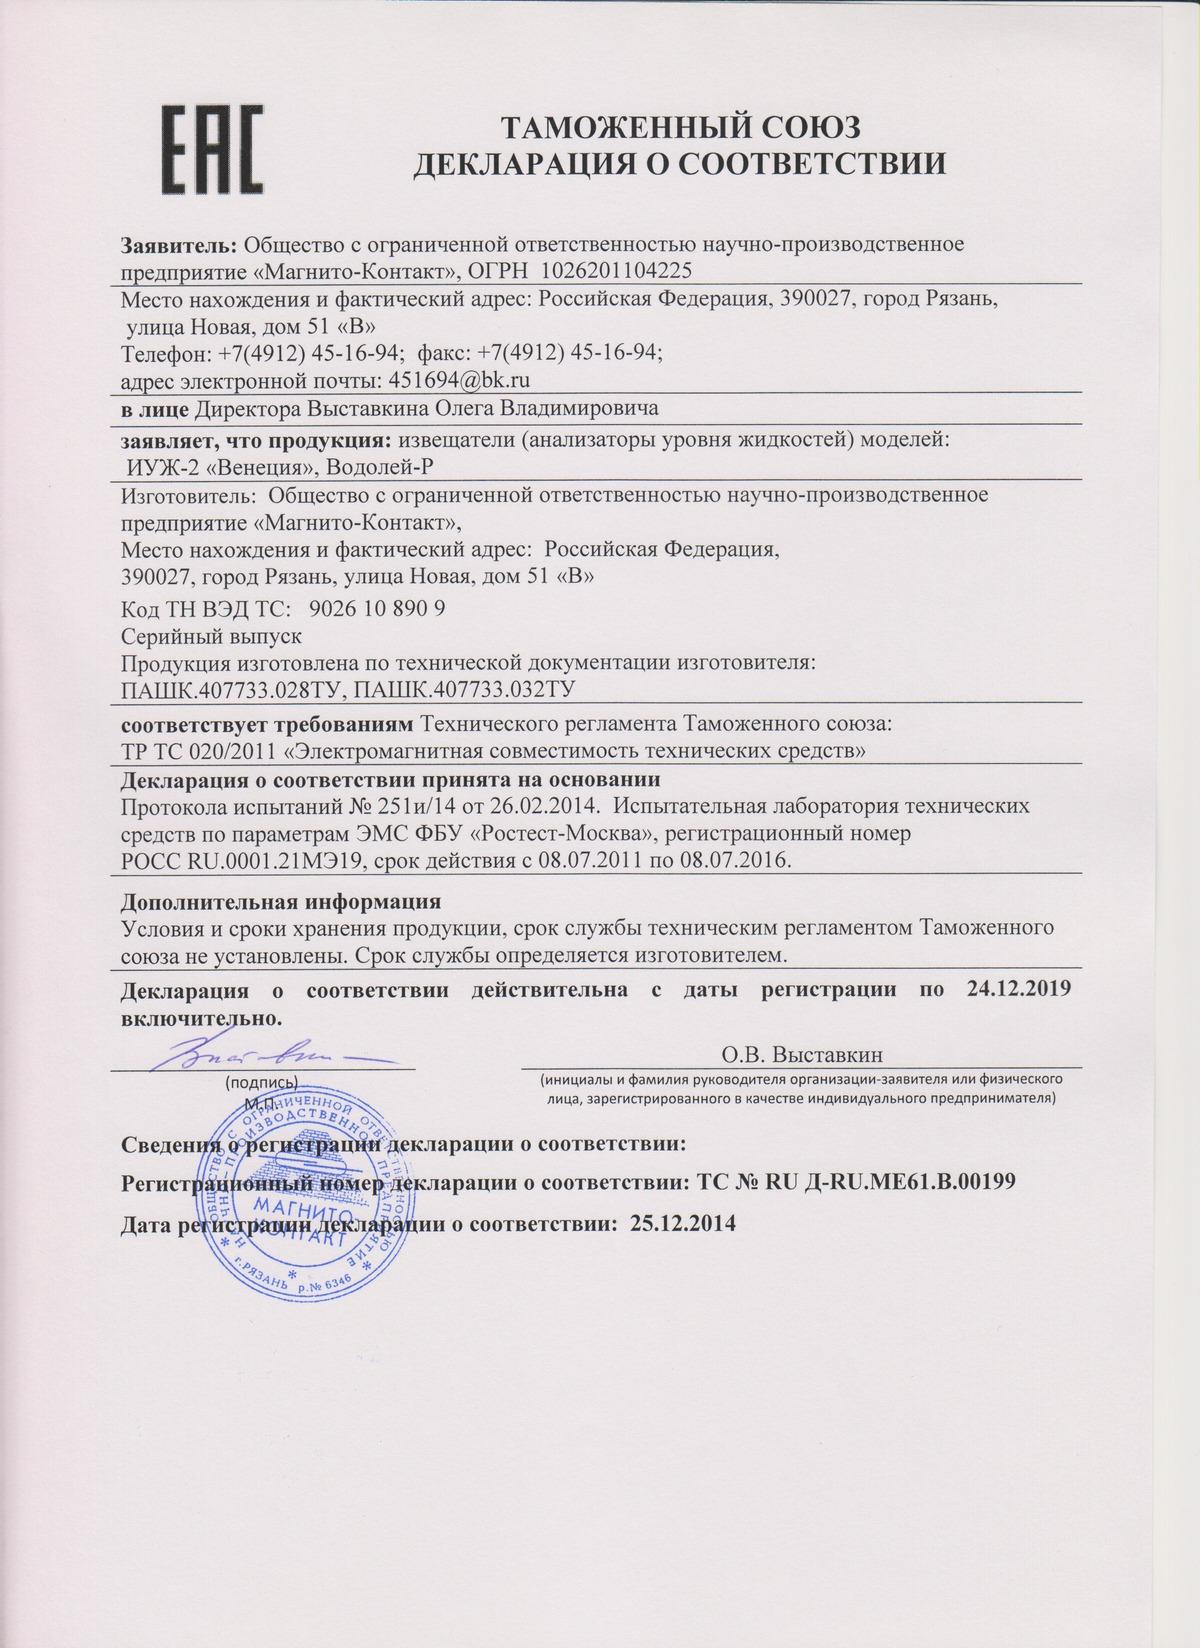 охранная сигнализация сигнал-51 инструкция по применению эл схема